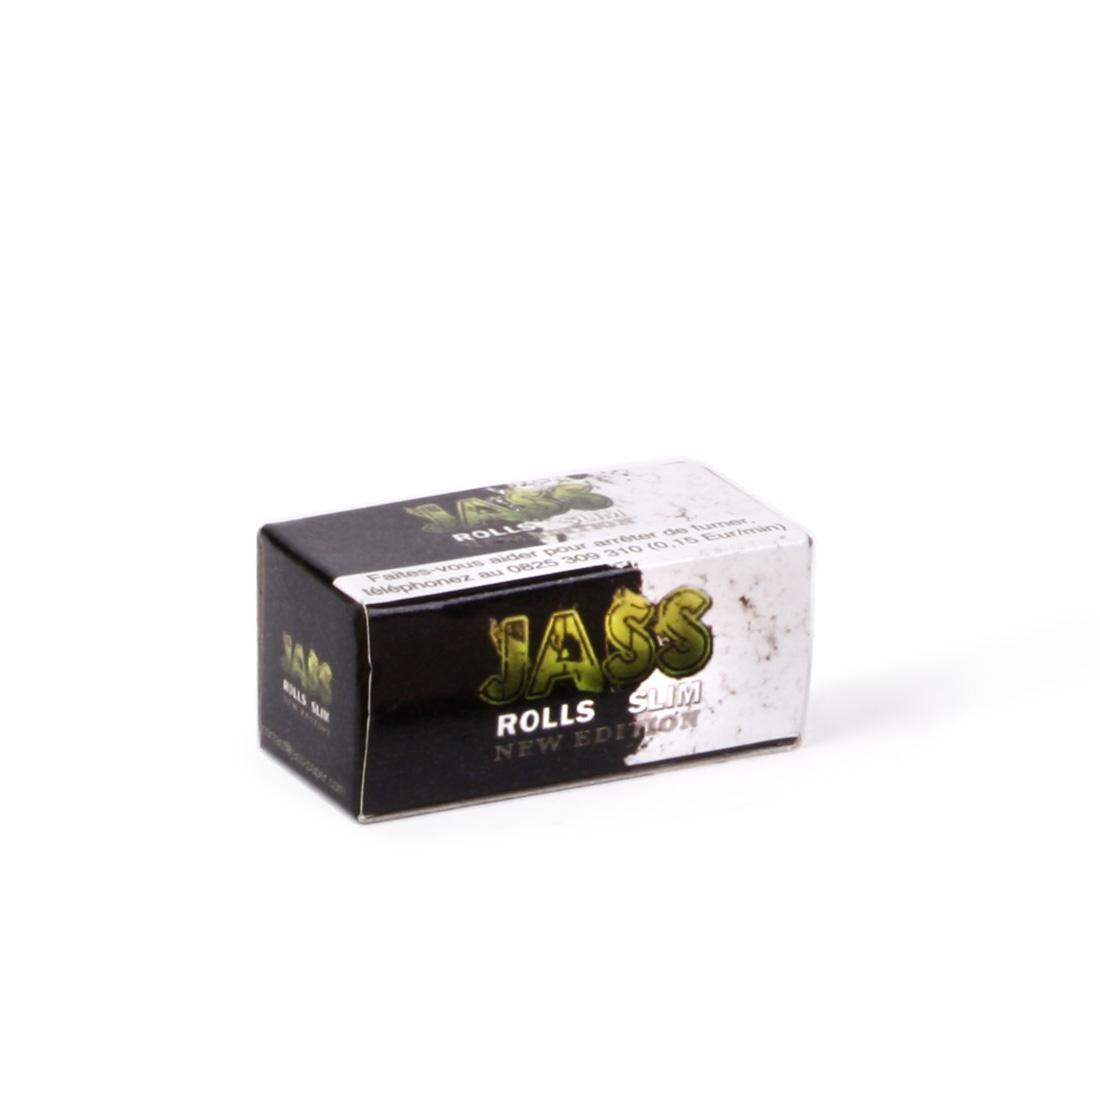 jass-rolls_x1_bis